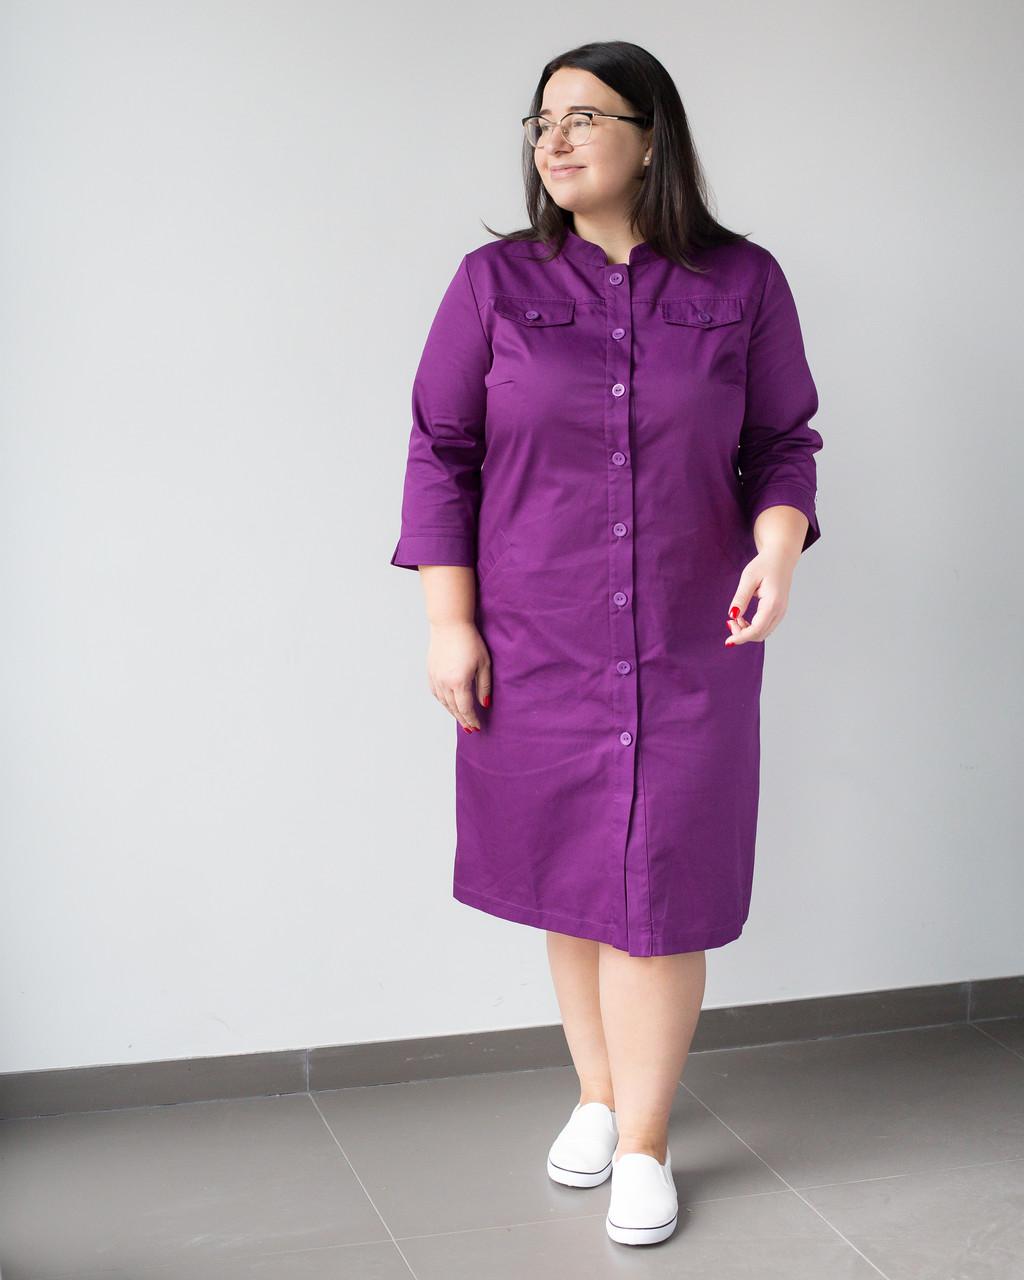 Медичний жіночий халат Валері фіолетовий +SIZE